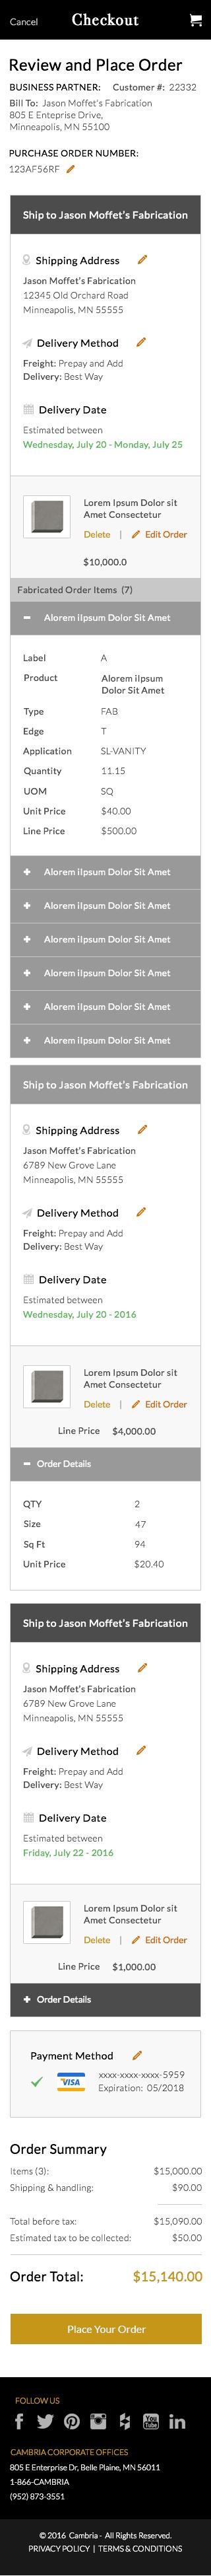 Order Details Mobile.png